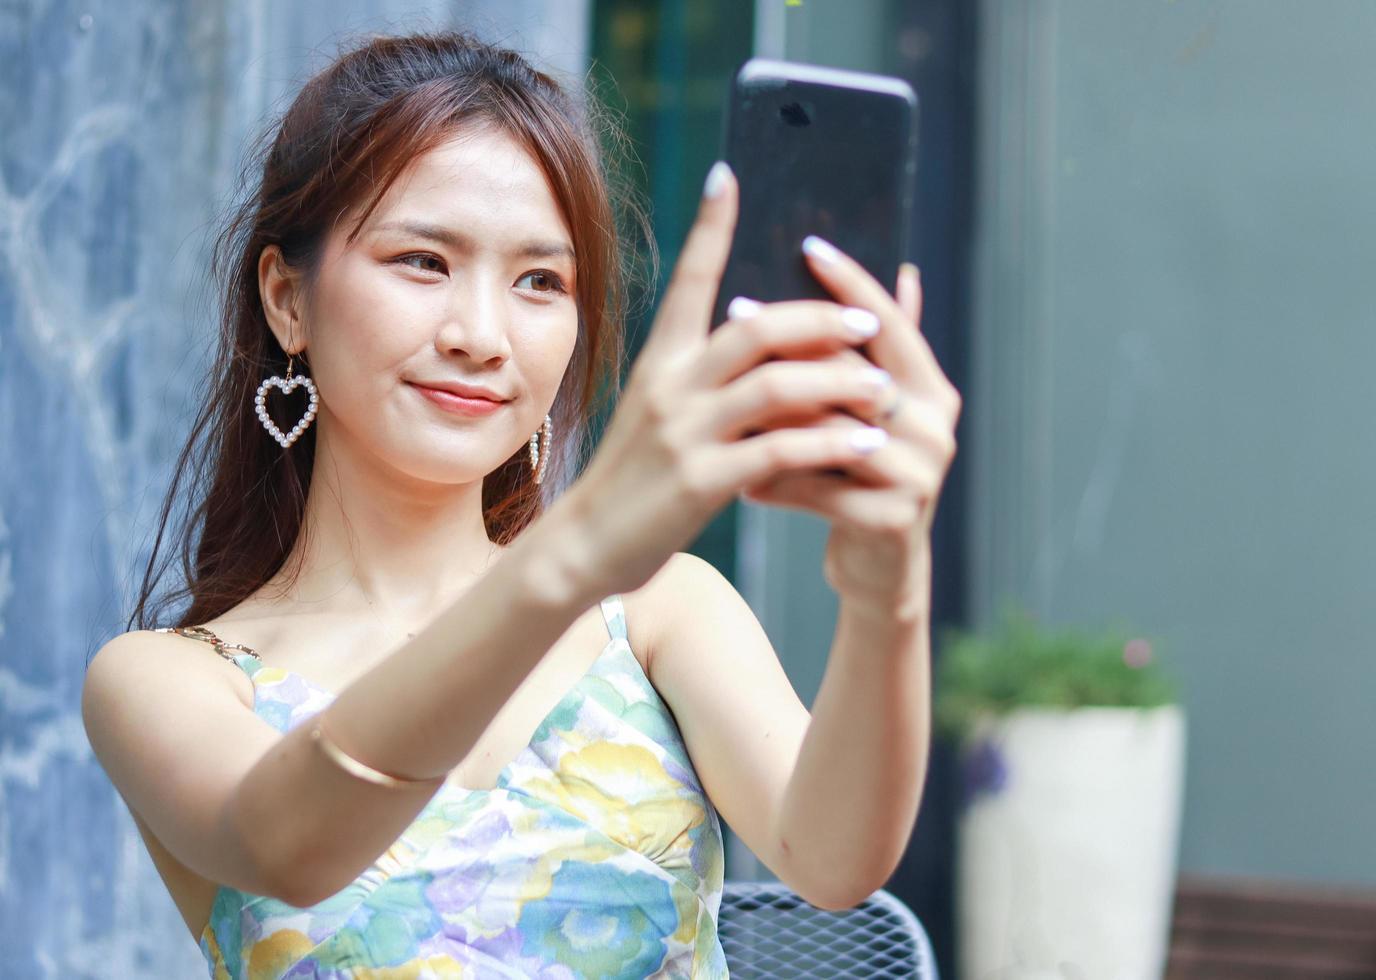 mooie Aziatische vrouw die gelukkig een smartphone gebruikt om selfies thuis te nemen foto